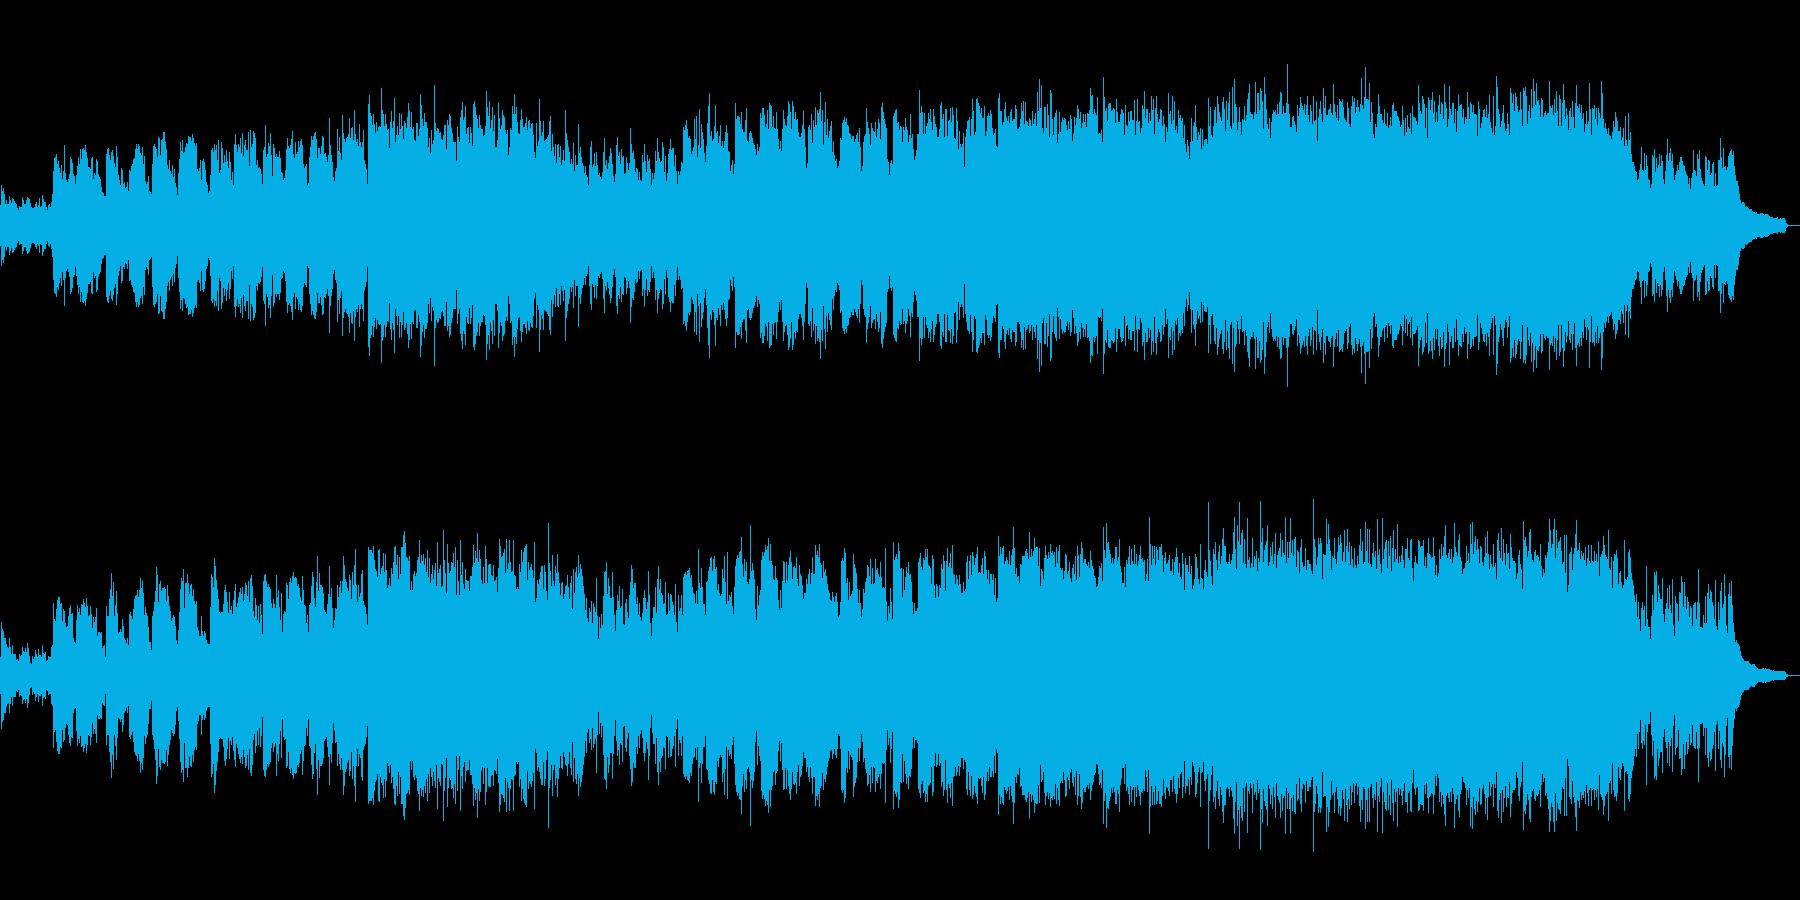 生フルート!段々盛り上がる感動&壮大な曲の再生済みの波形